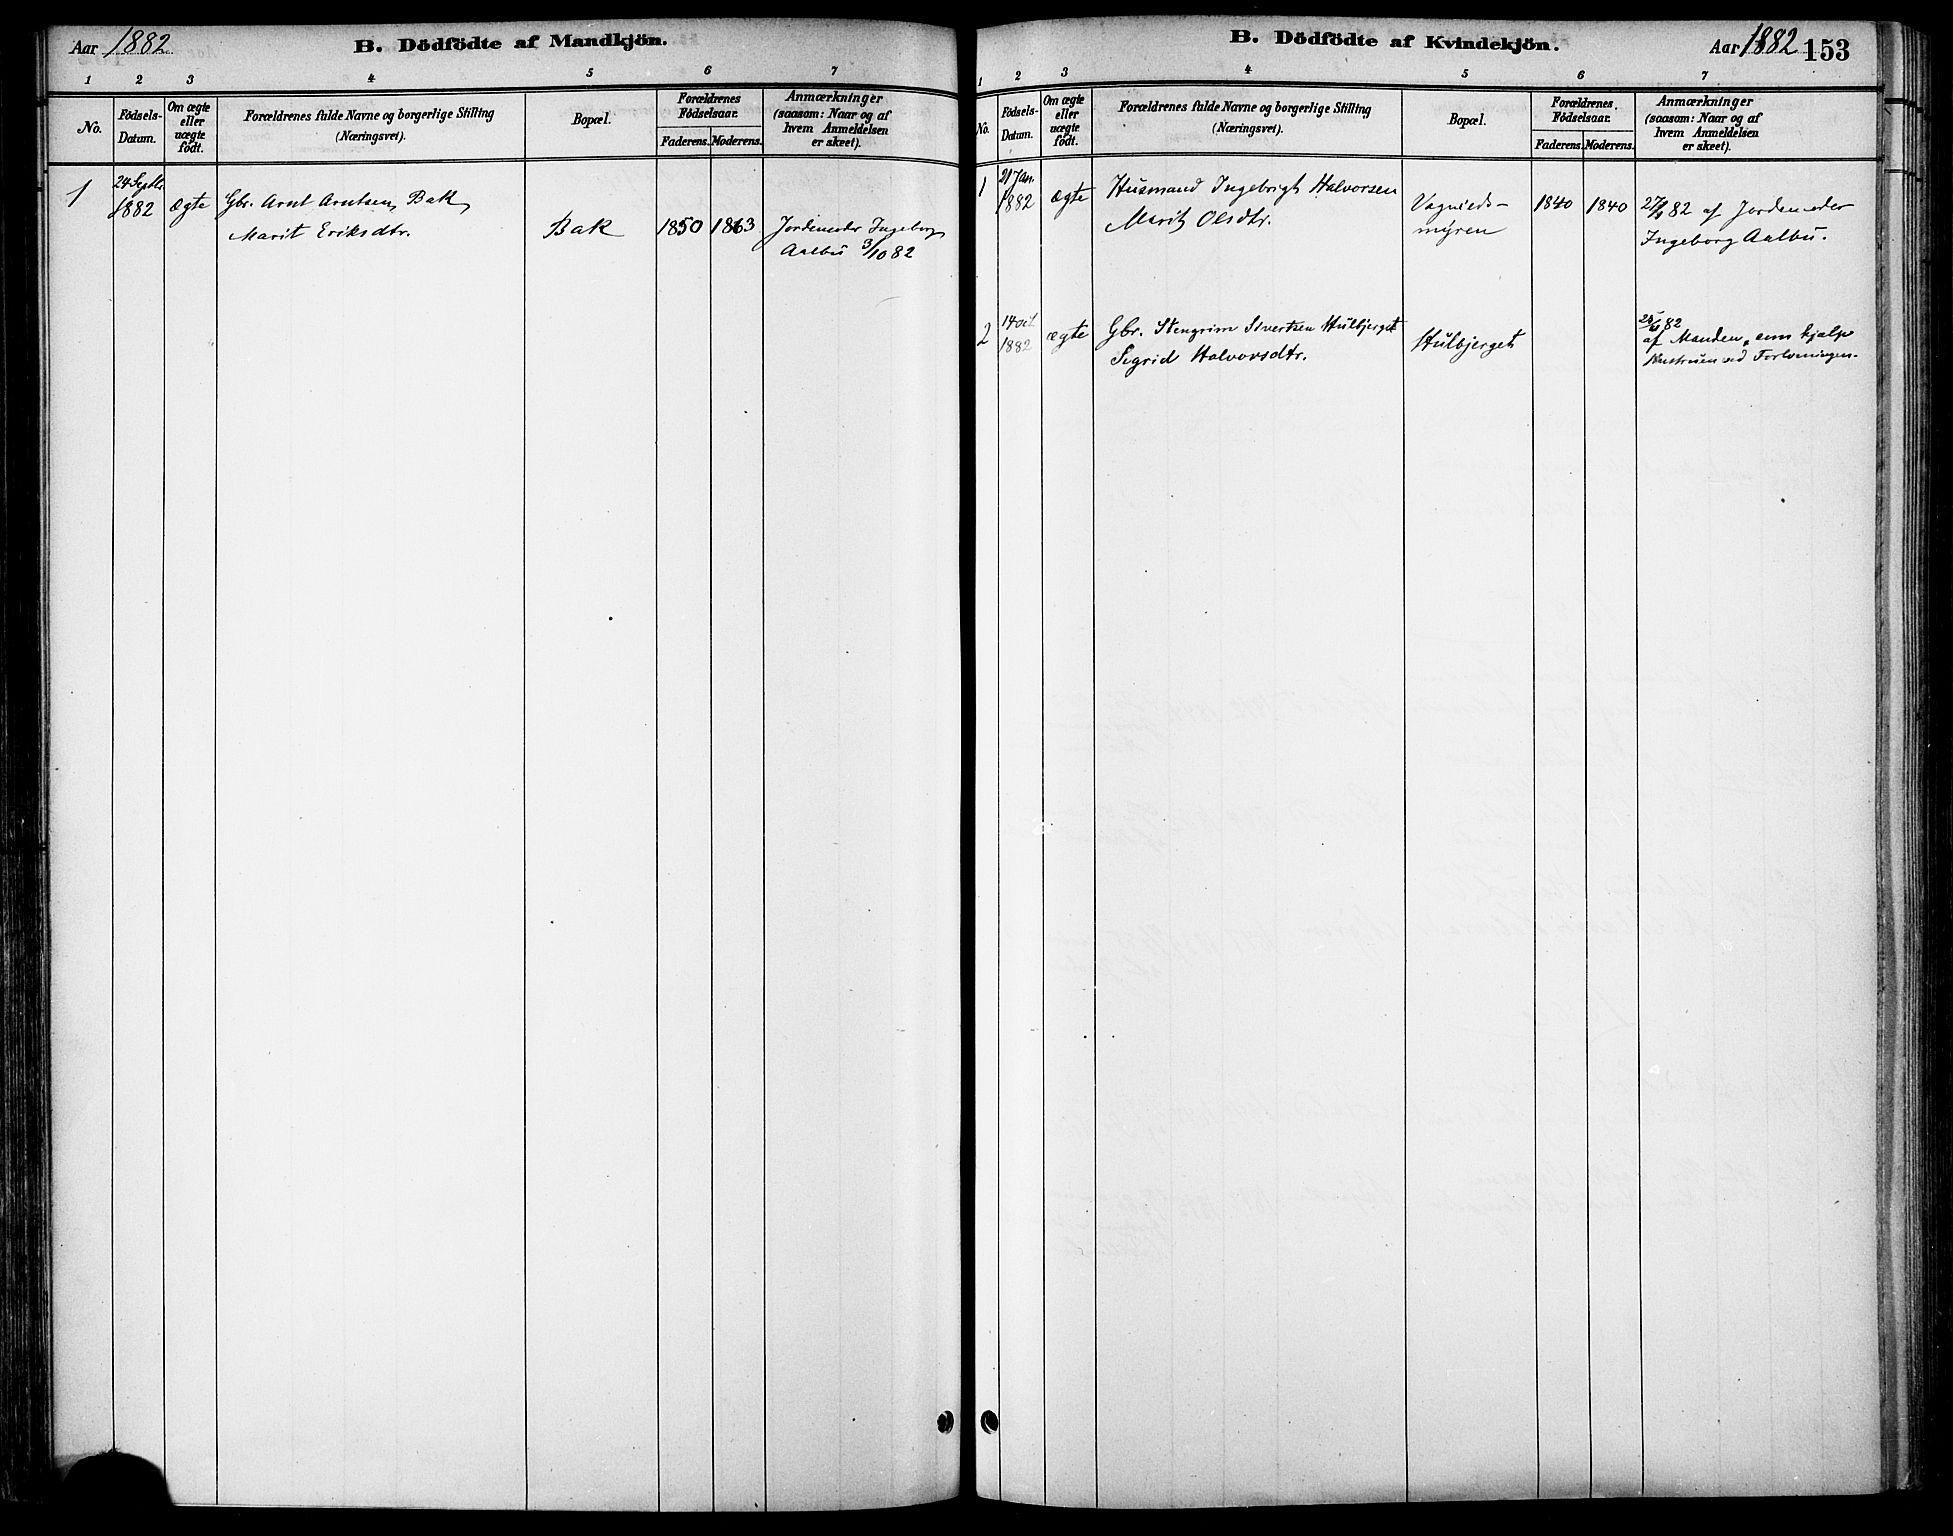 SAT, Ministerialprotokoller, klokkerbøker og fødselsregistre - Sør-Trøndelag, 678/L0901: Ministerialbok nr. 678A10, 1881-1894, s. 153